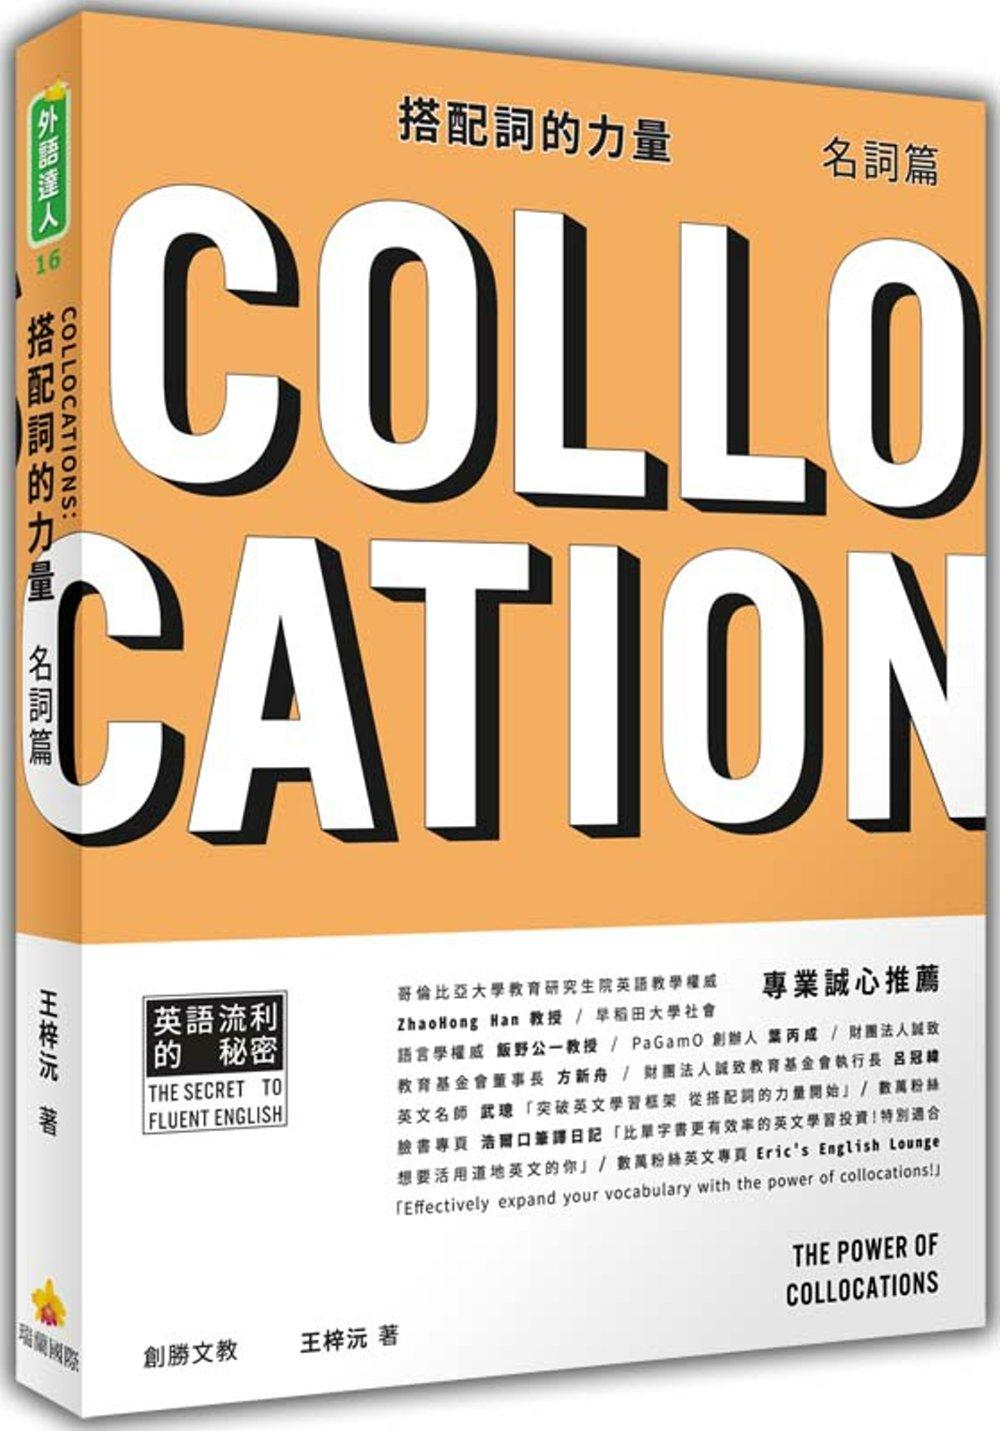 搭配詞的力量Collocations:名詞篇